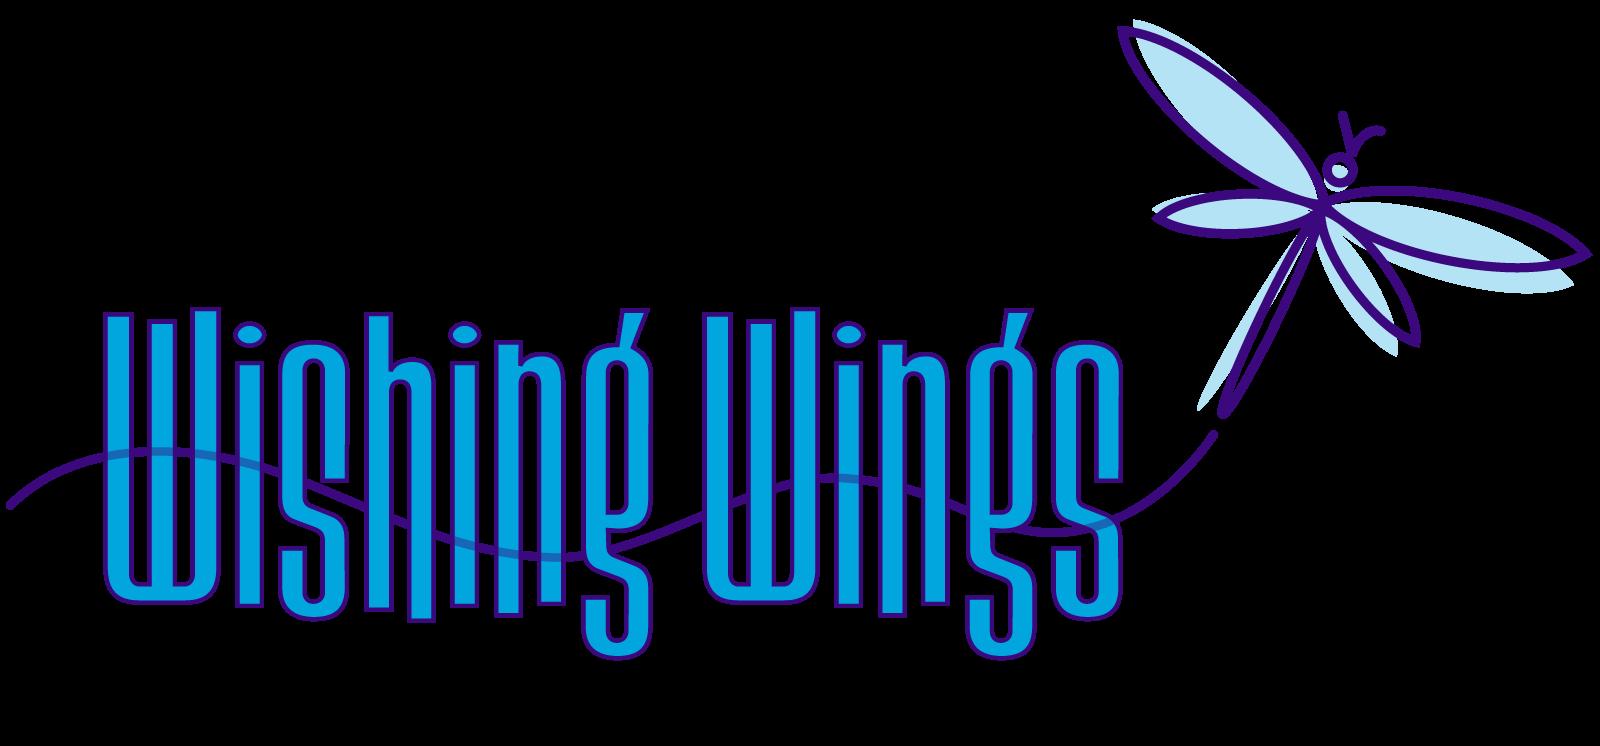 WISHING WINGS INC